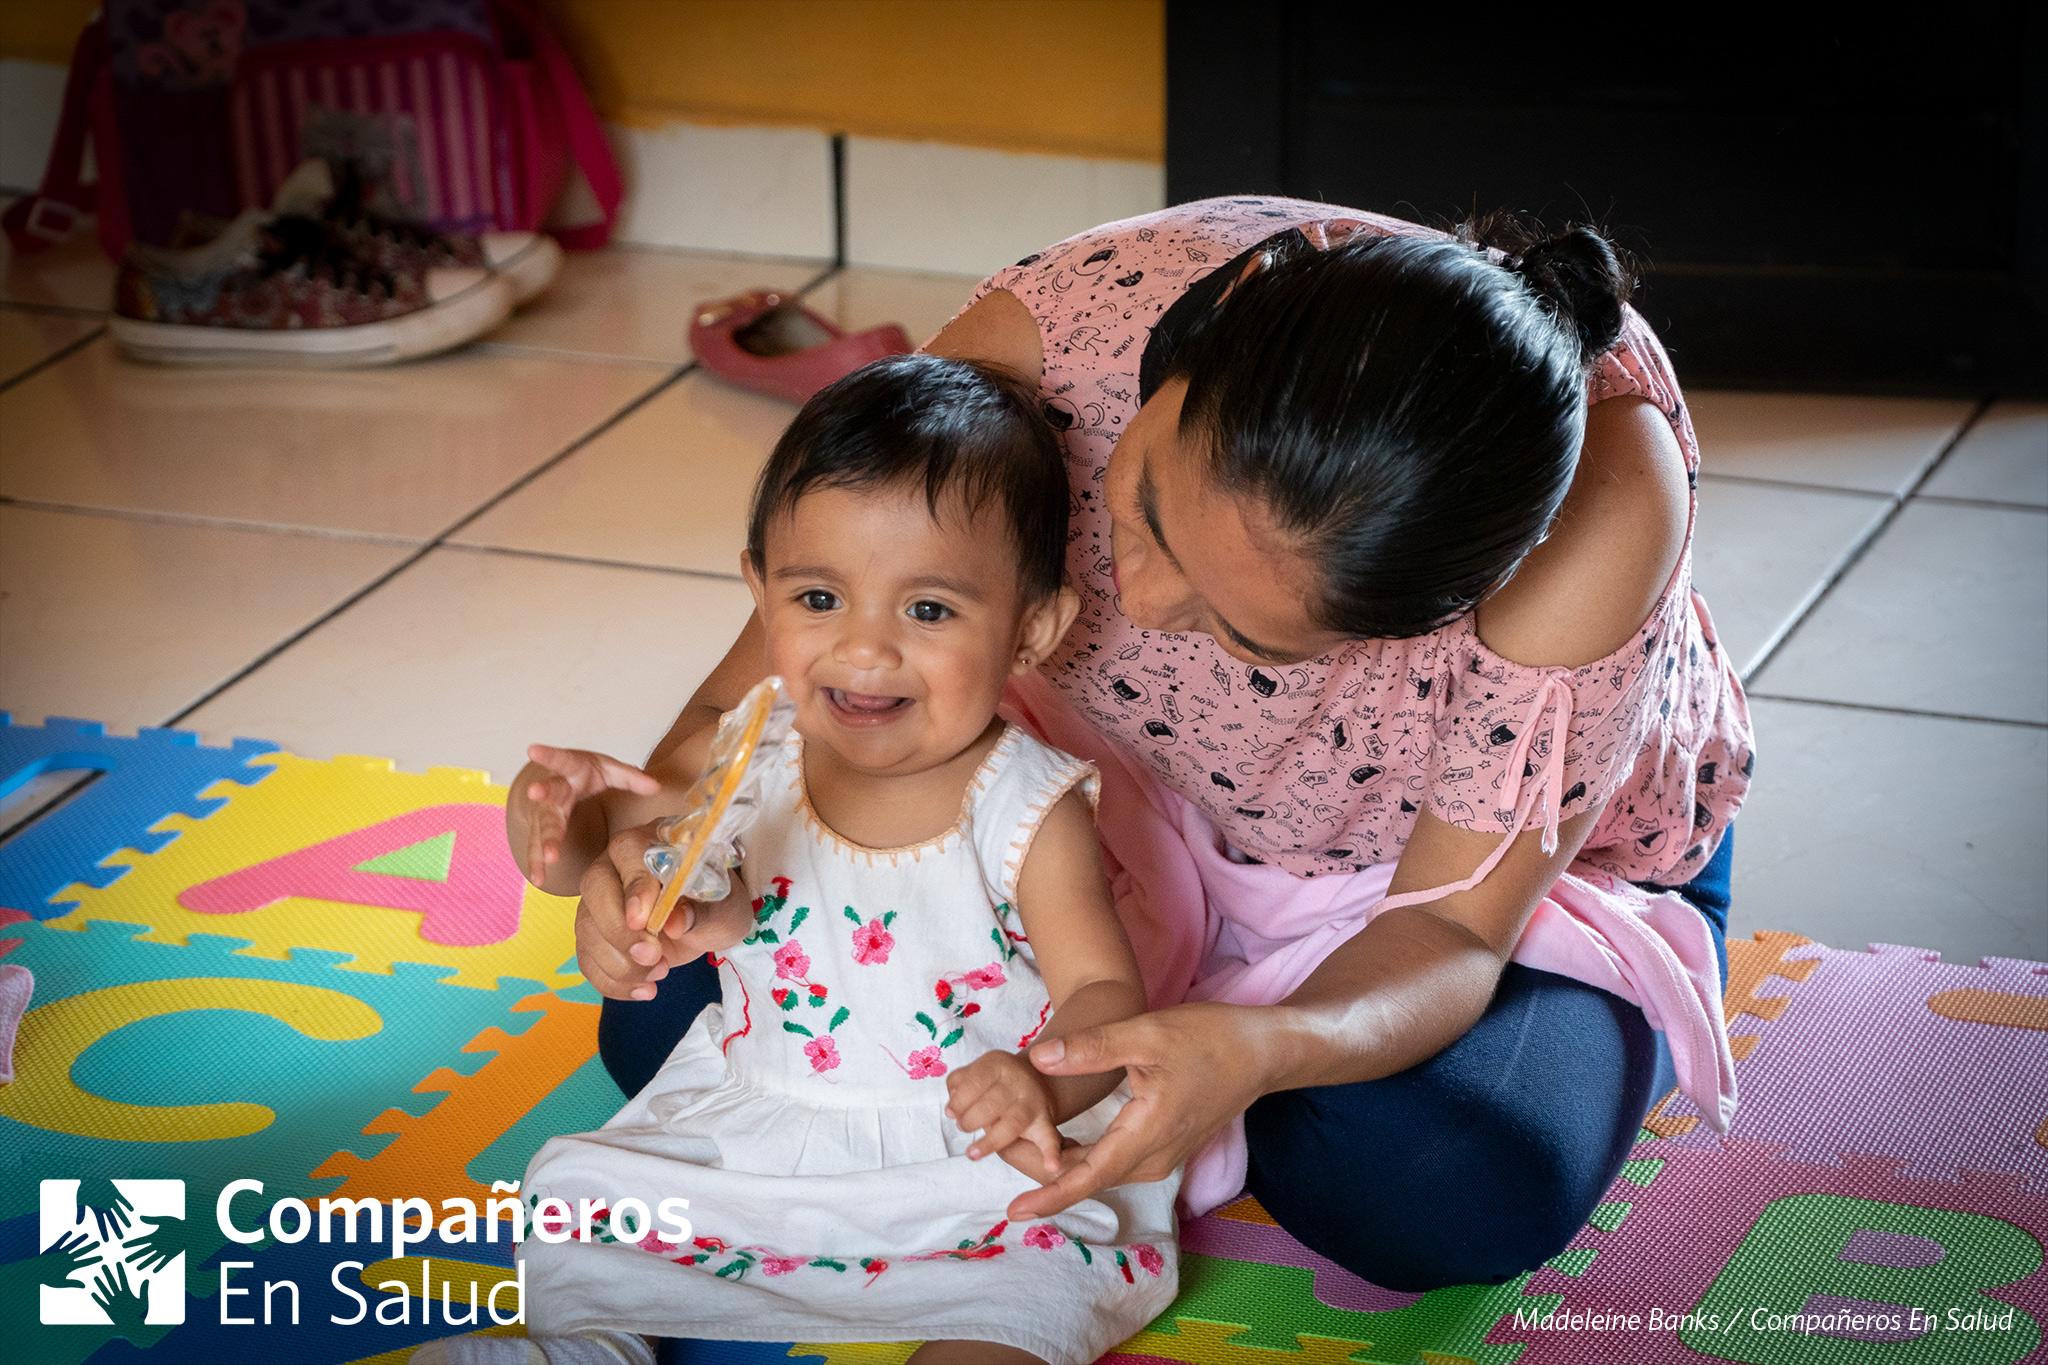 Durante un curso de desarrollo infantil y estimulación temprana en Jaltenango de la Paz, la mamá Verónica Ramírez Torres ayuda a su hija Regina a tocar un pequeño instrumento musical.